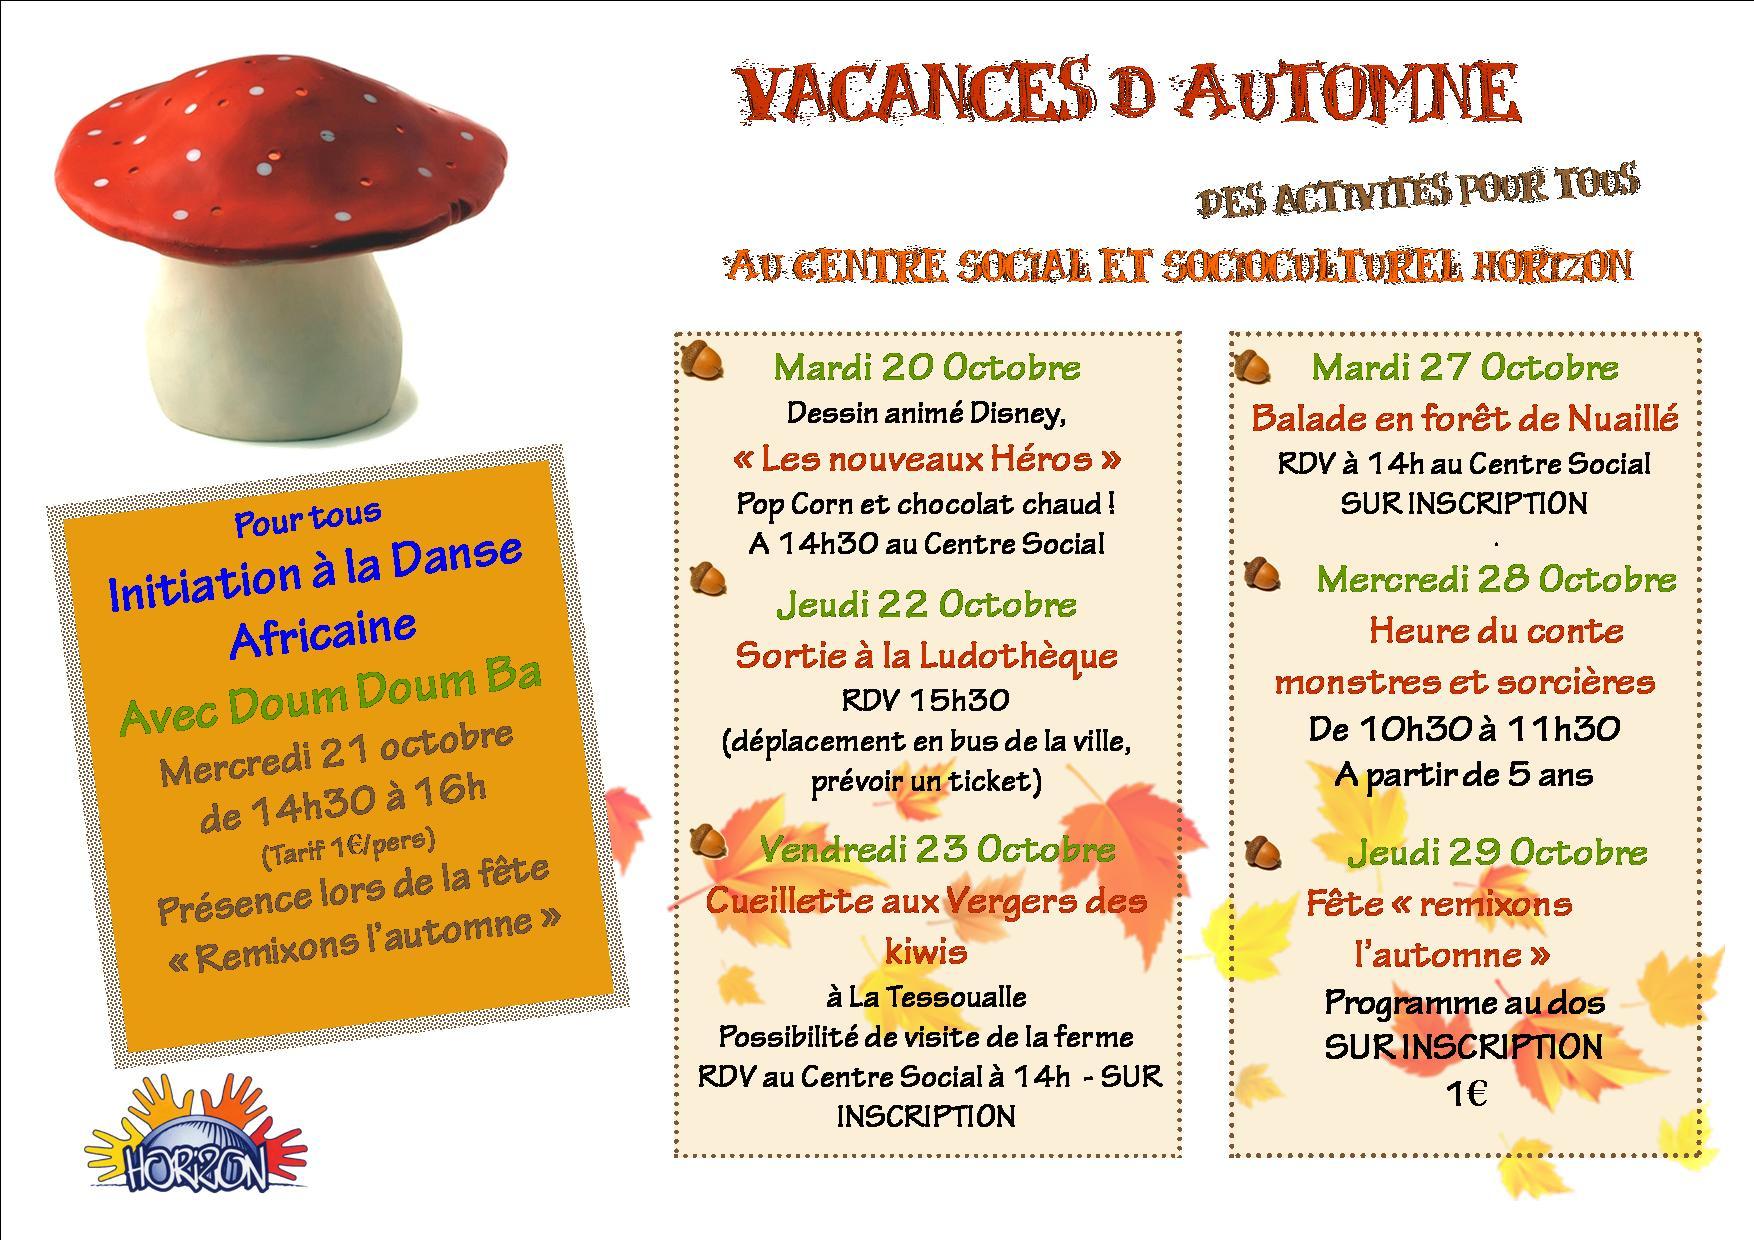 Vacances d automne centre social et socioculturel Vacances automne 2015